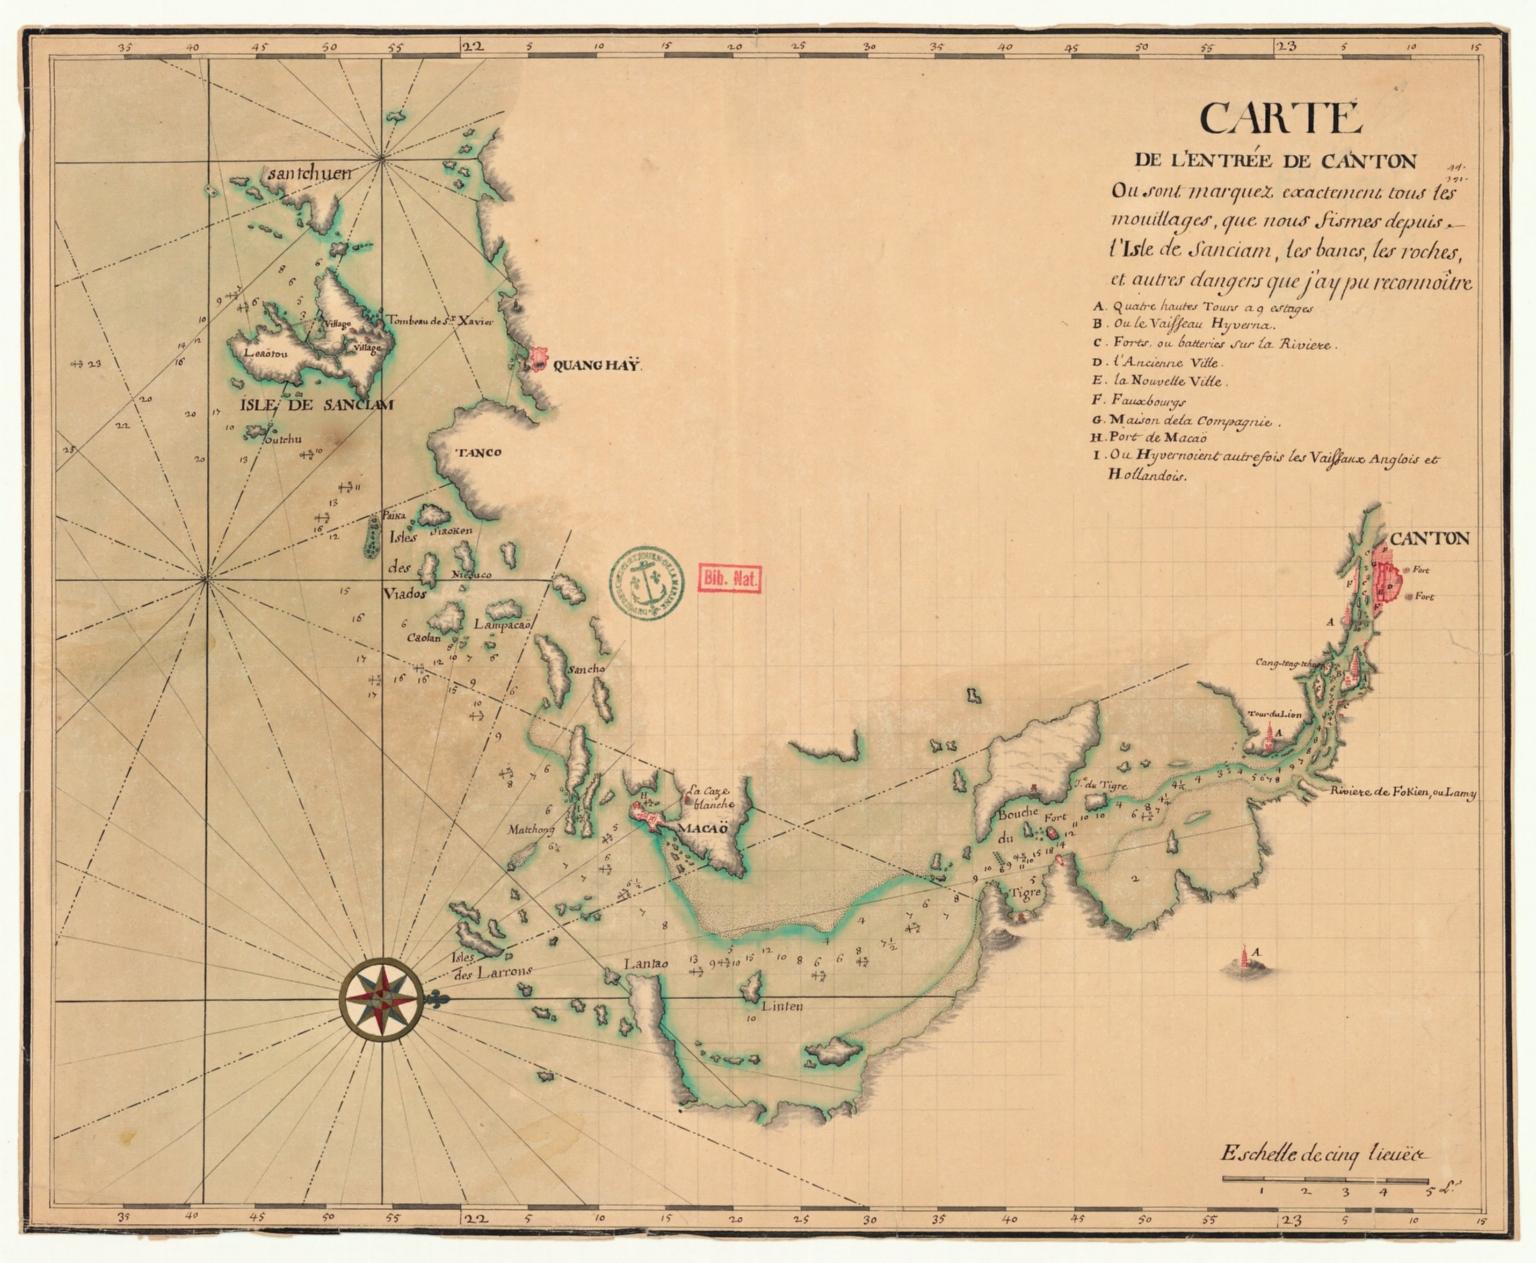 Carte de l'entrée de Canton où sont marquez exactement tous les mouillages, que nous fismes depuis l'isle de Sanciam, les bancs, les roches et autres dangers que j'ay pu reconnoître